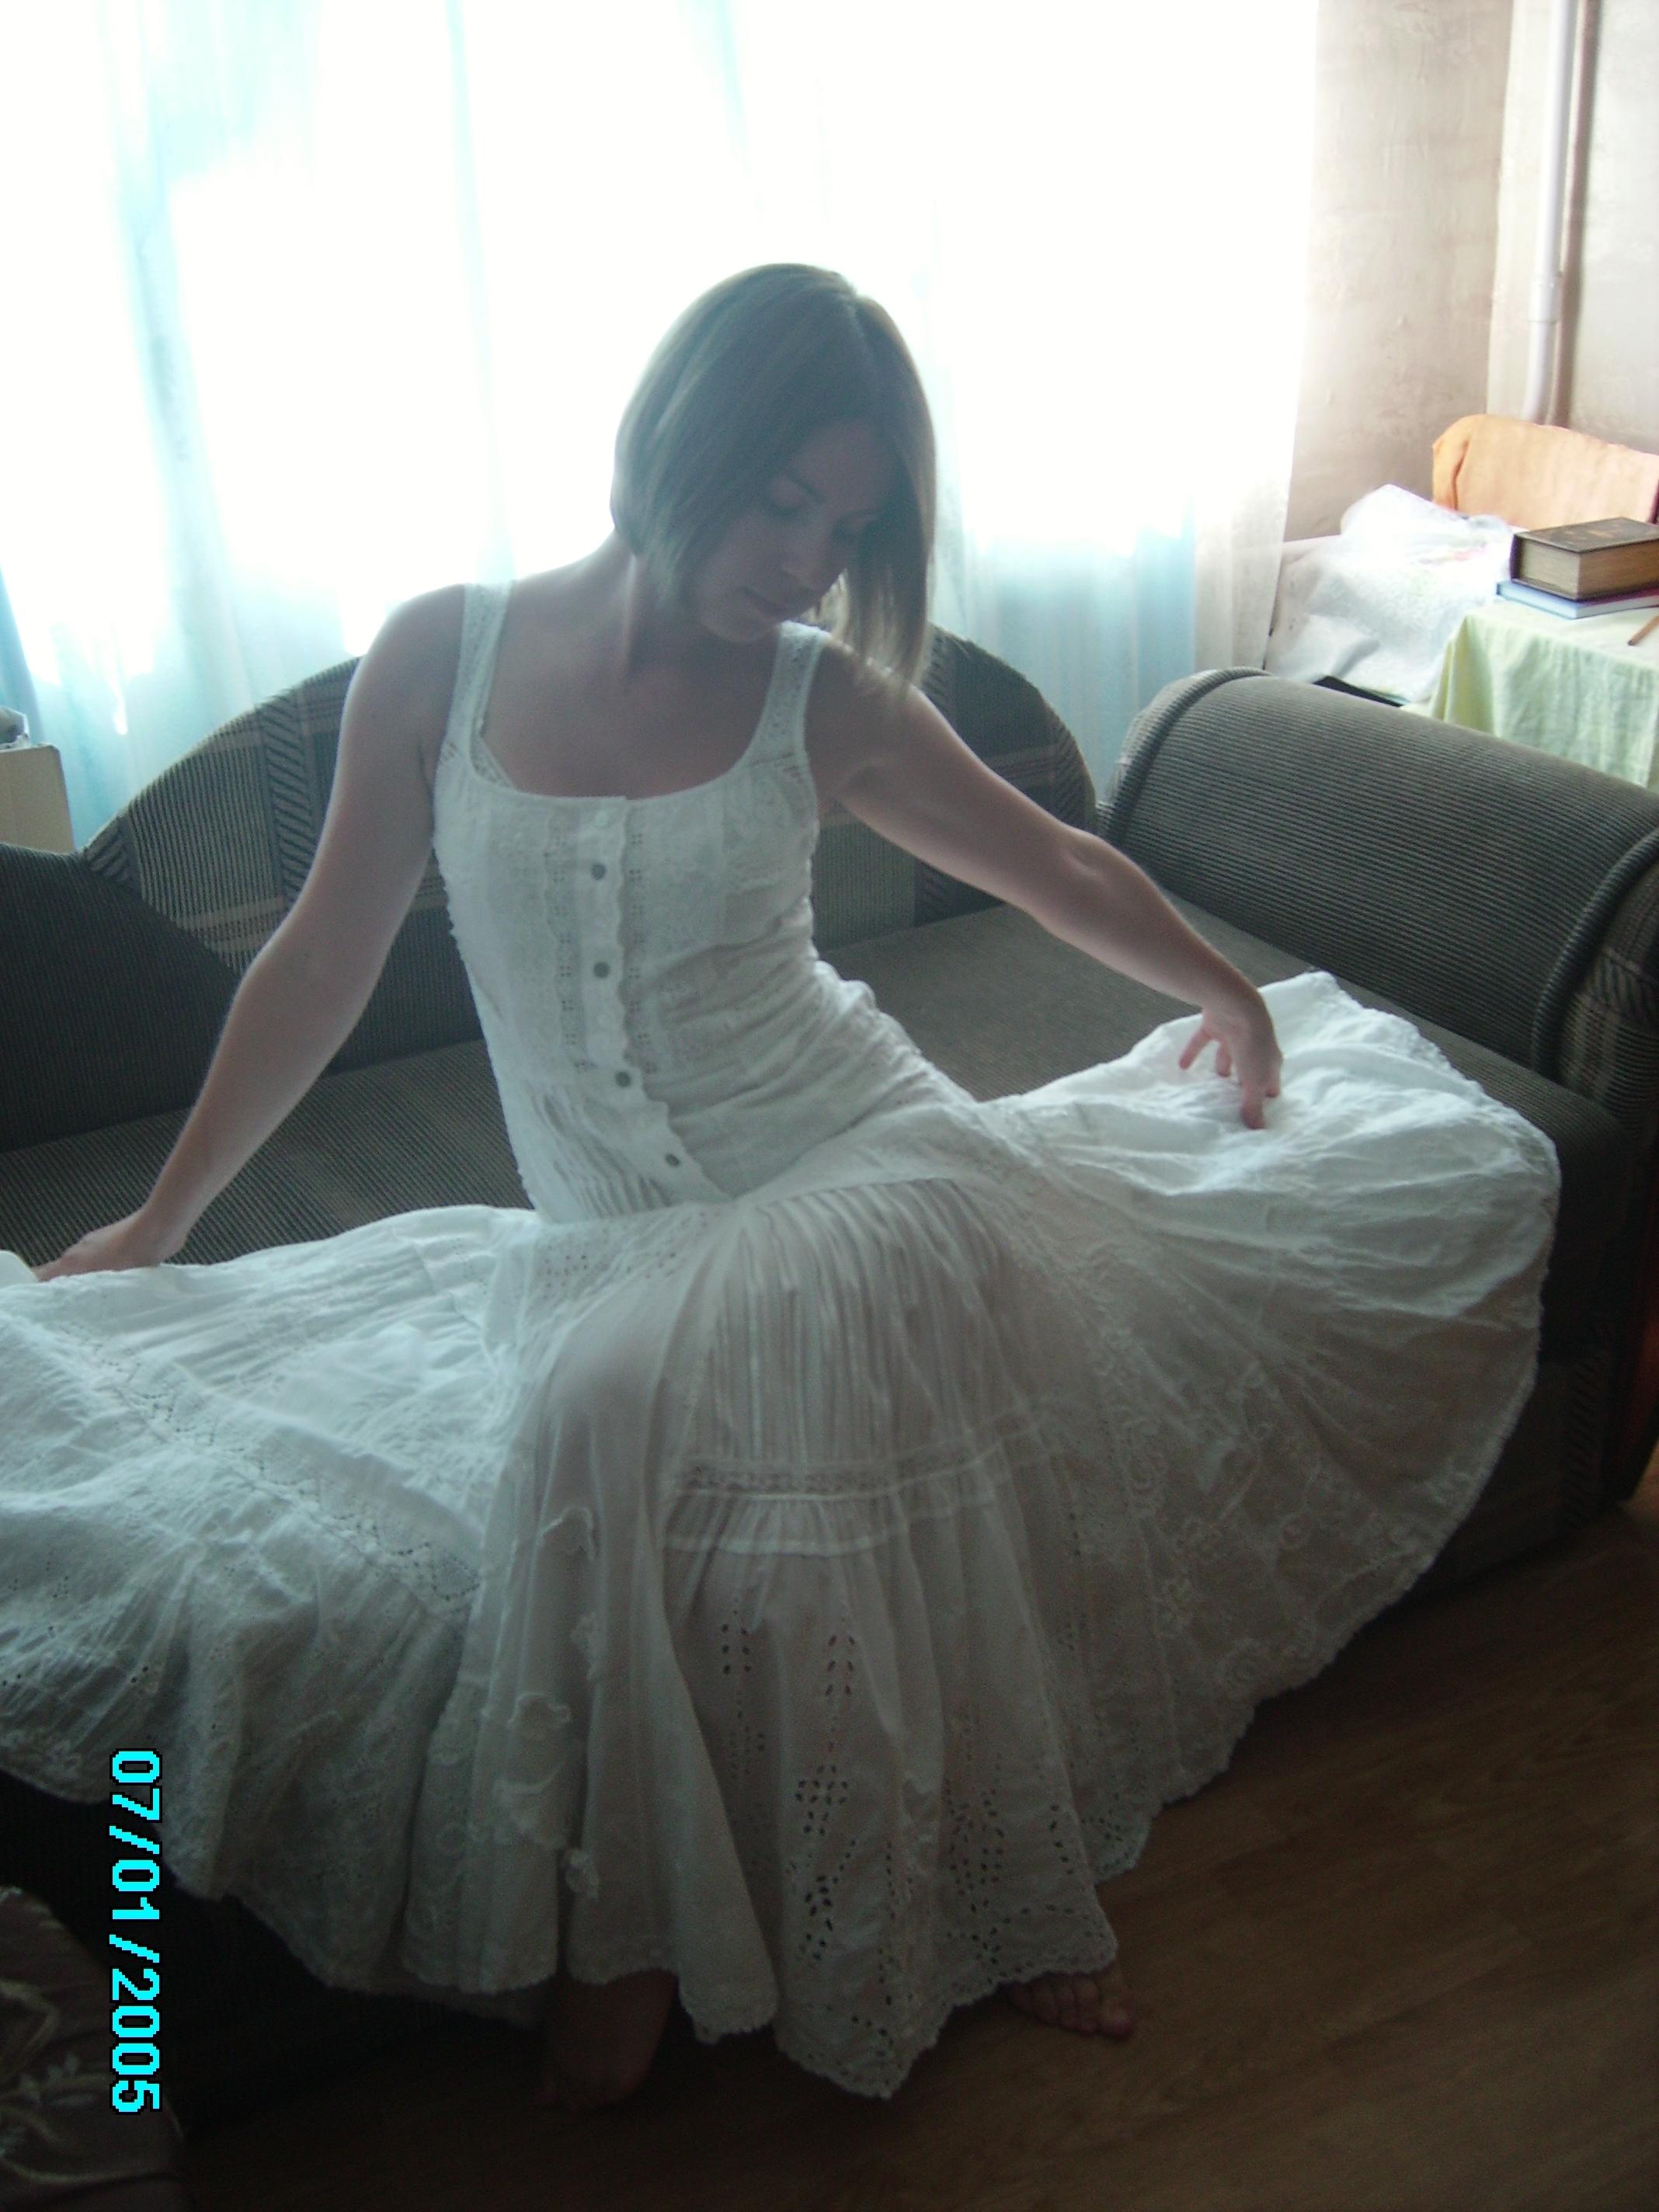 Фото Платье собранное из 30 видов шитья(вышивка по хлопку),размах по низу 6 метров.